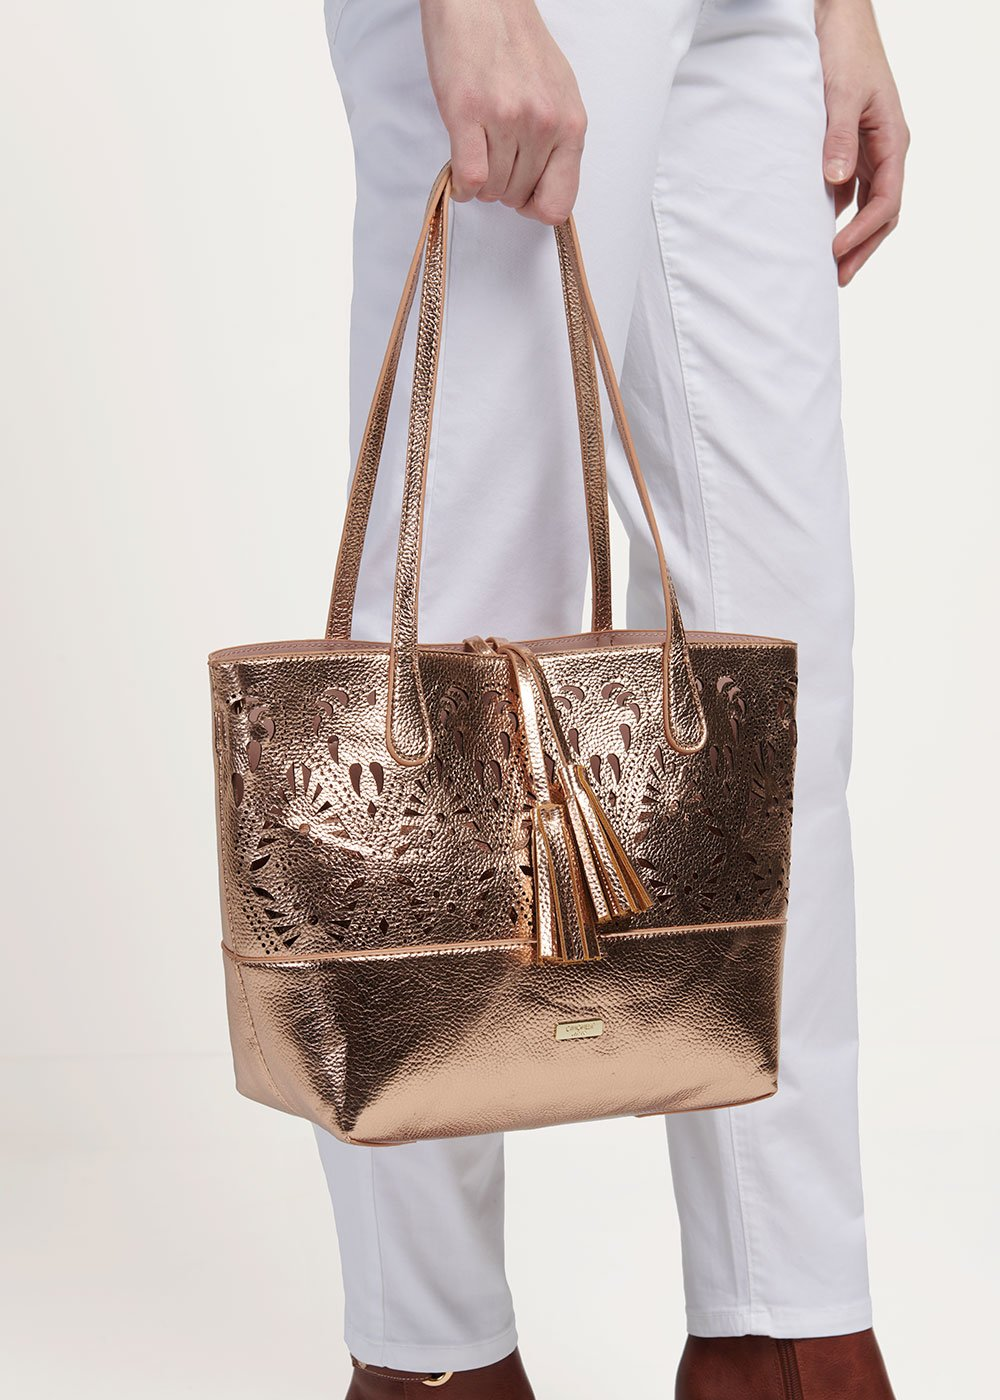 Goro gold rose bag - Gold Rose - Woman